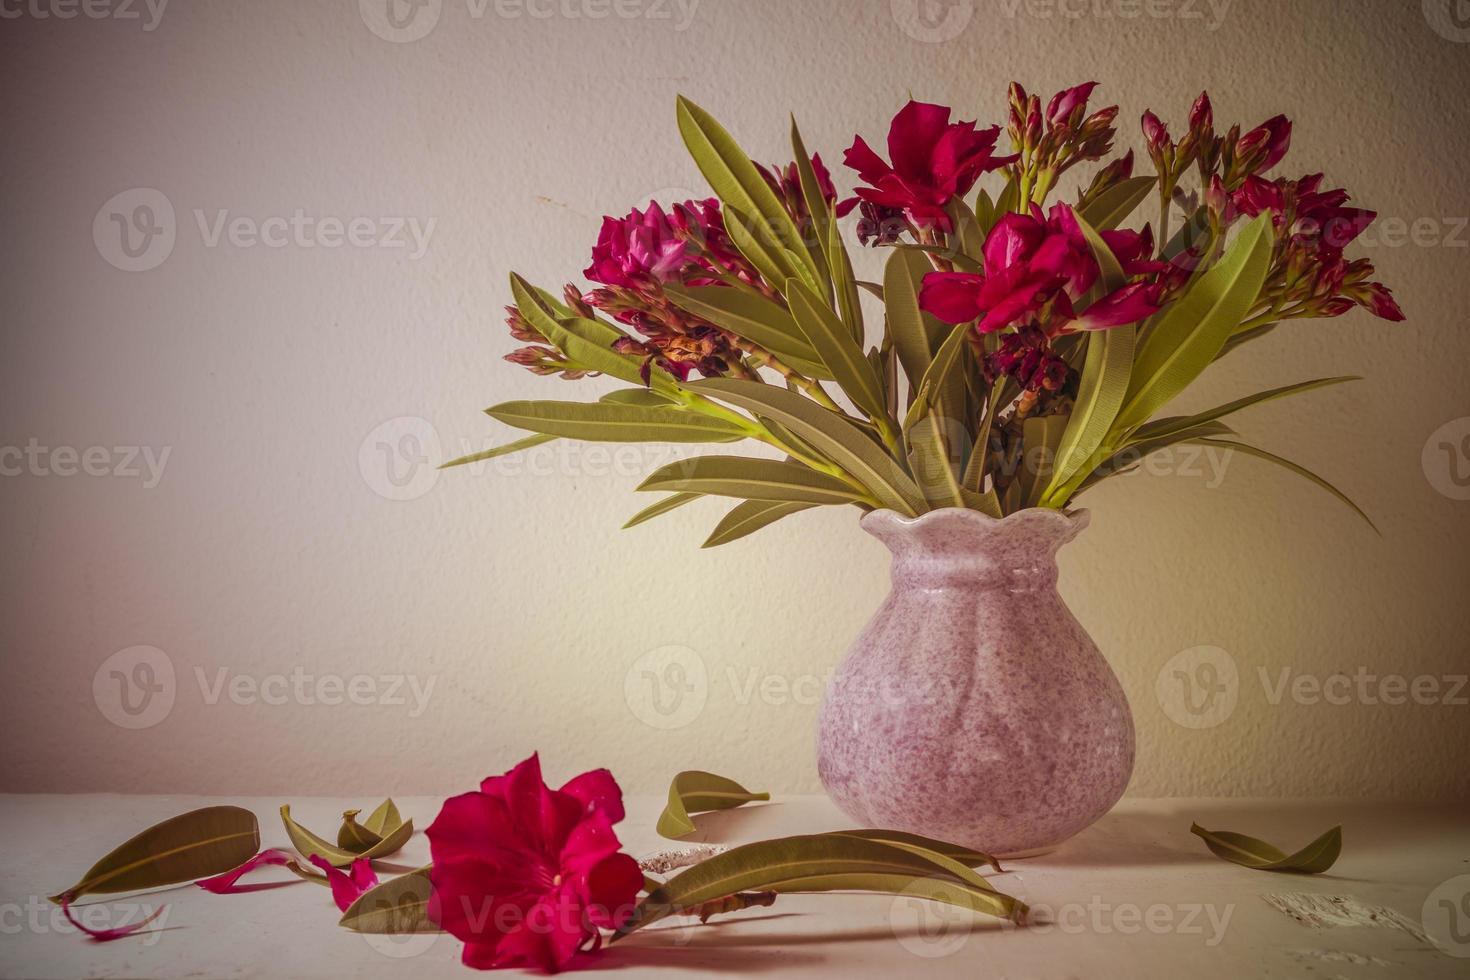 nature morte avec un beau bouquet de fleurs photo